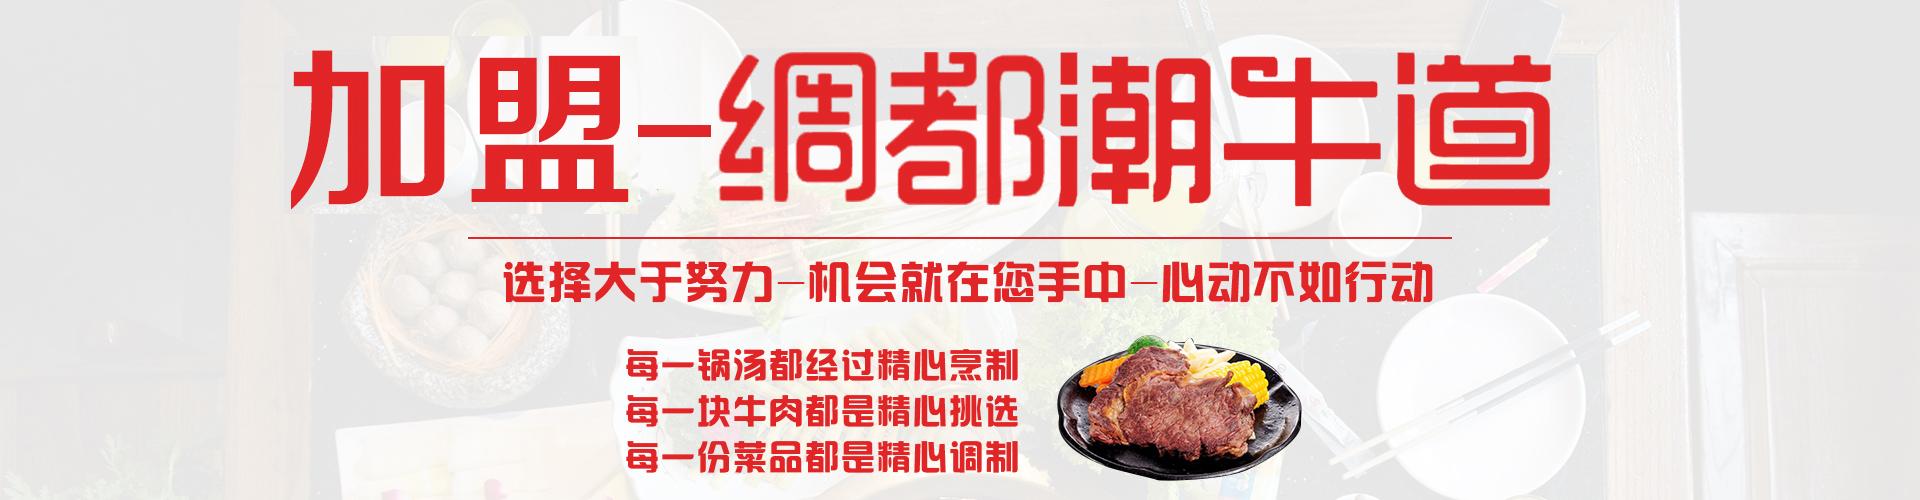 牛肉汤锅加盟